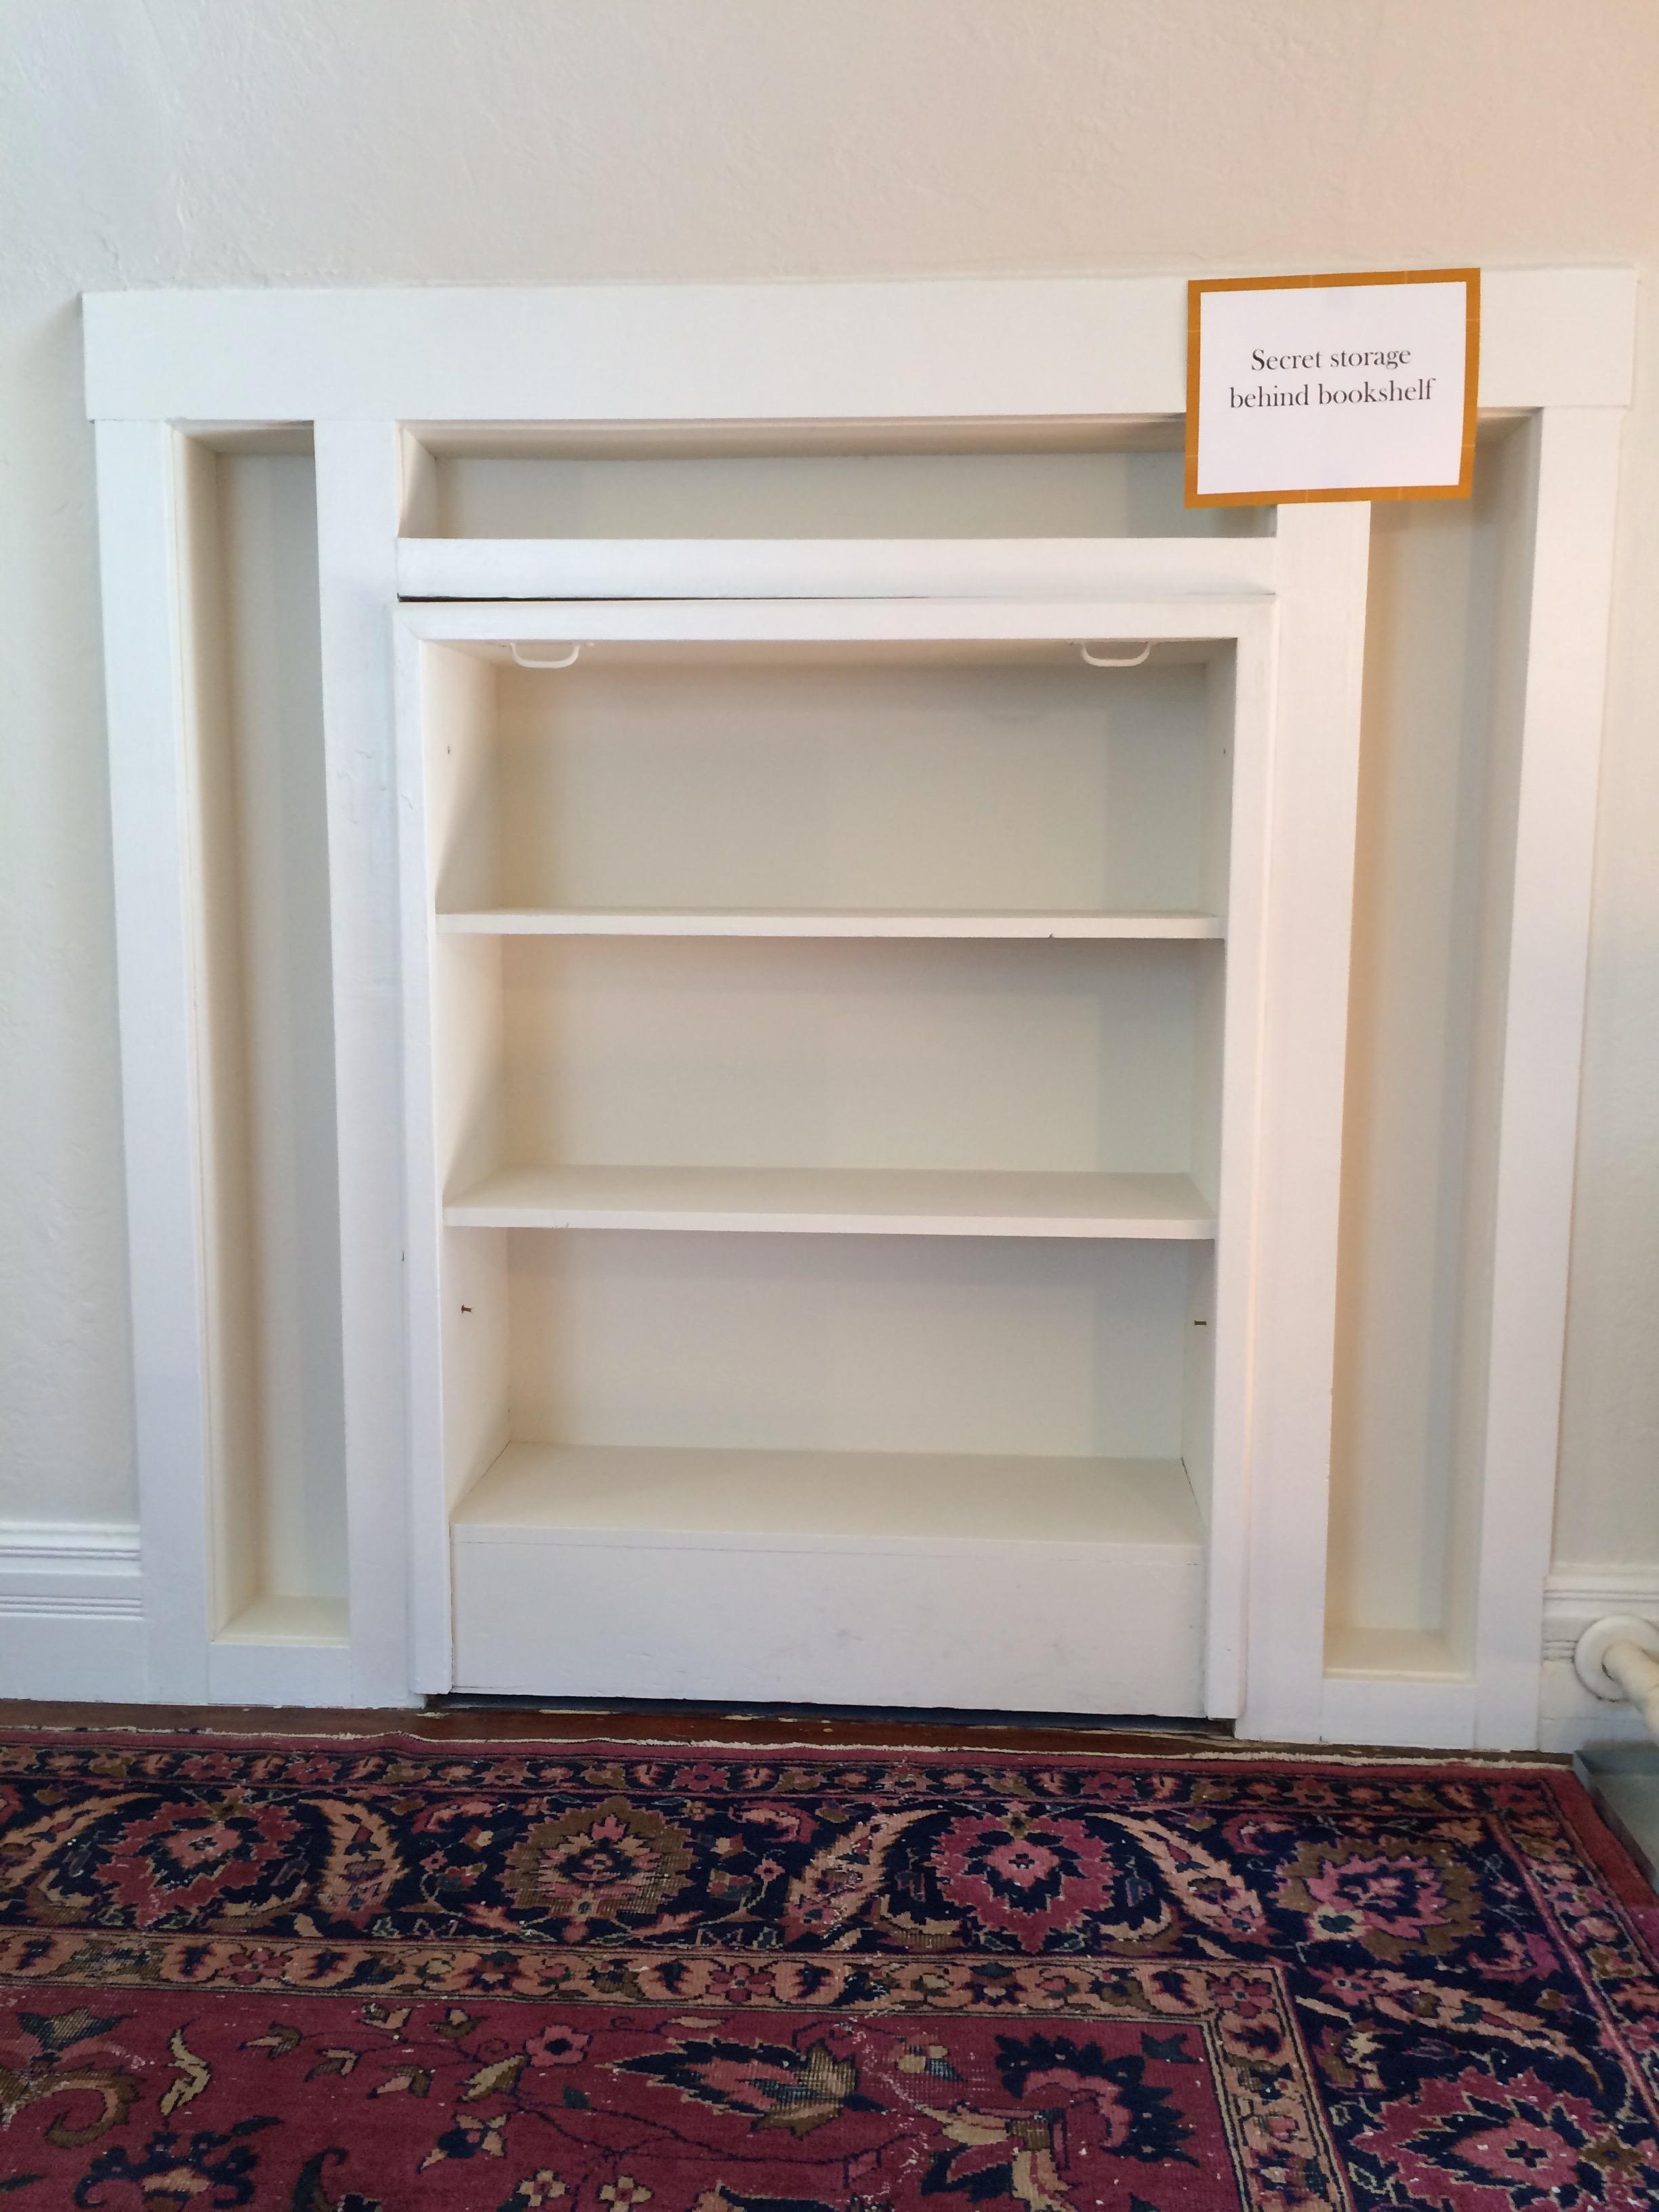 My dream home has a secret bookshelf.